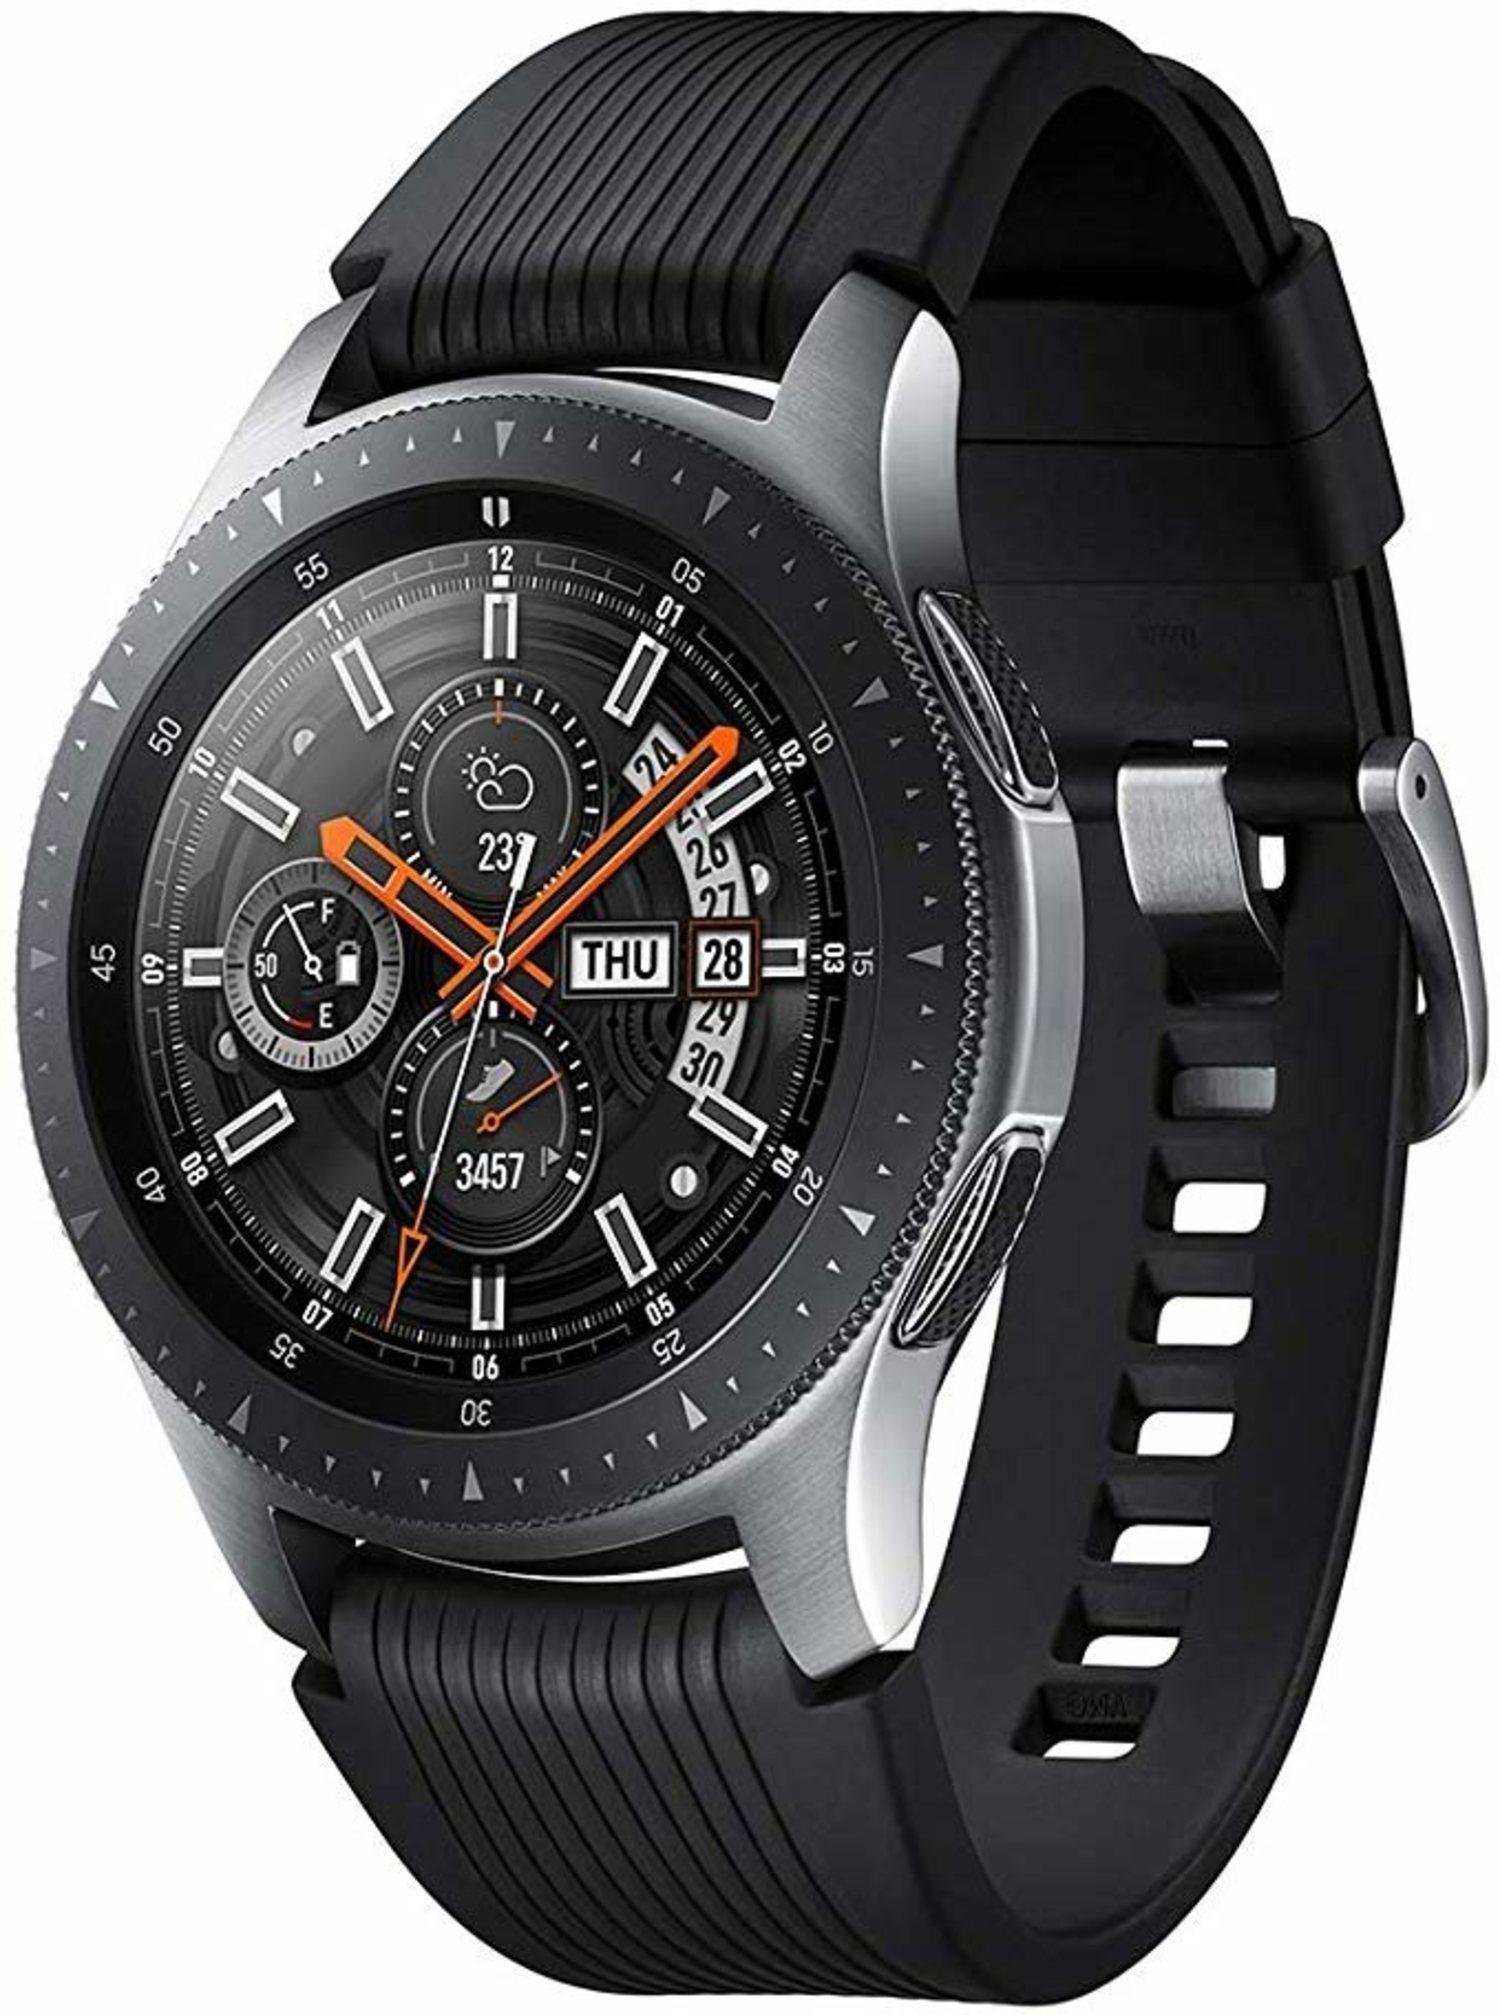 Samsung Galaxy Watch, uno de los relojes inteligentes más completos del mercado.